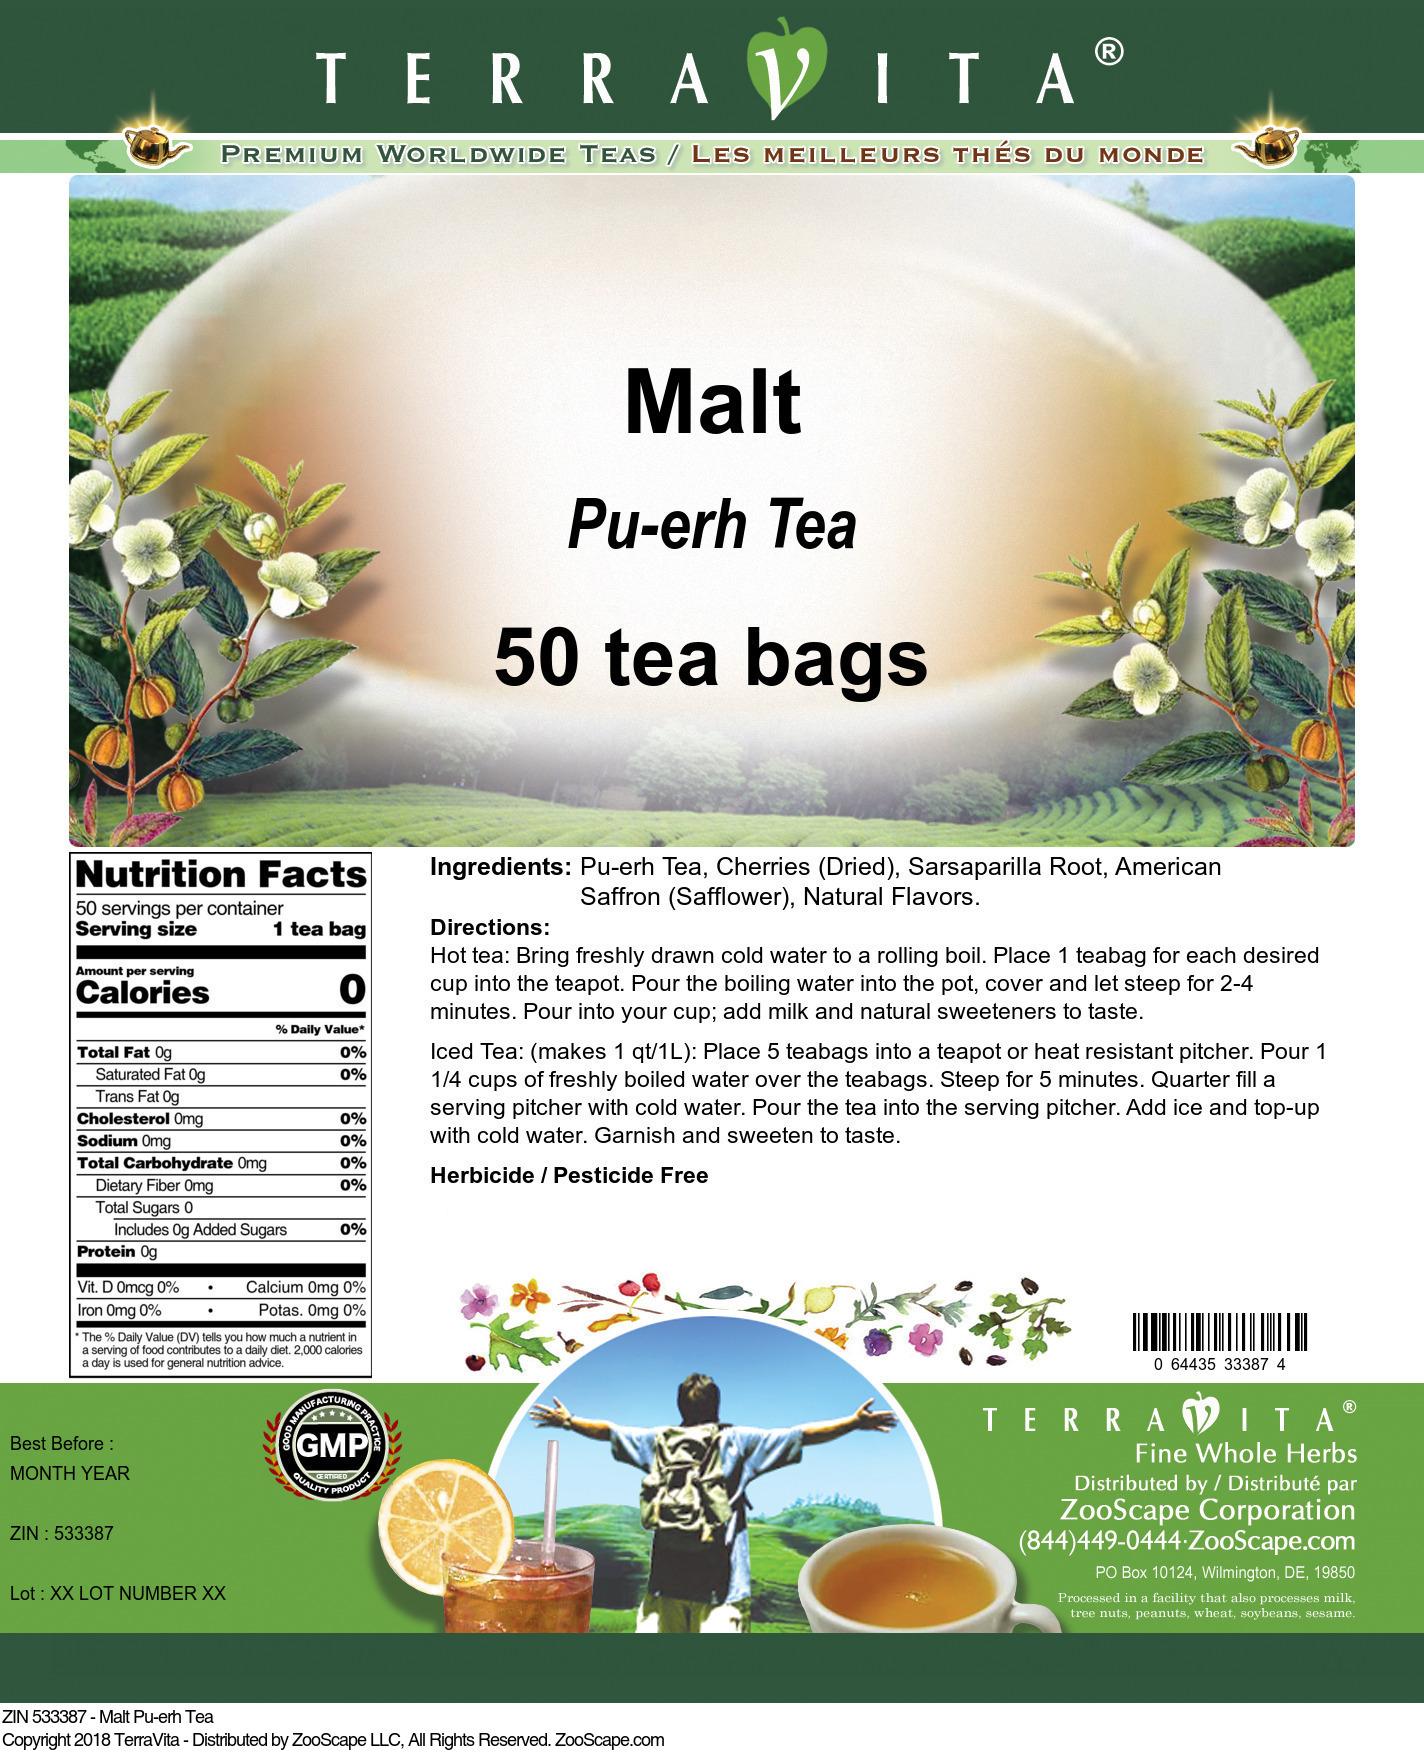 Malt Pu-erh Tea